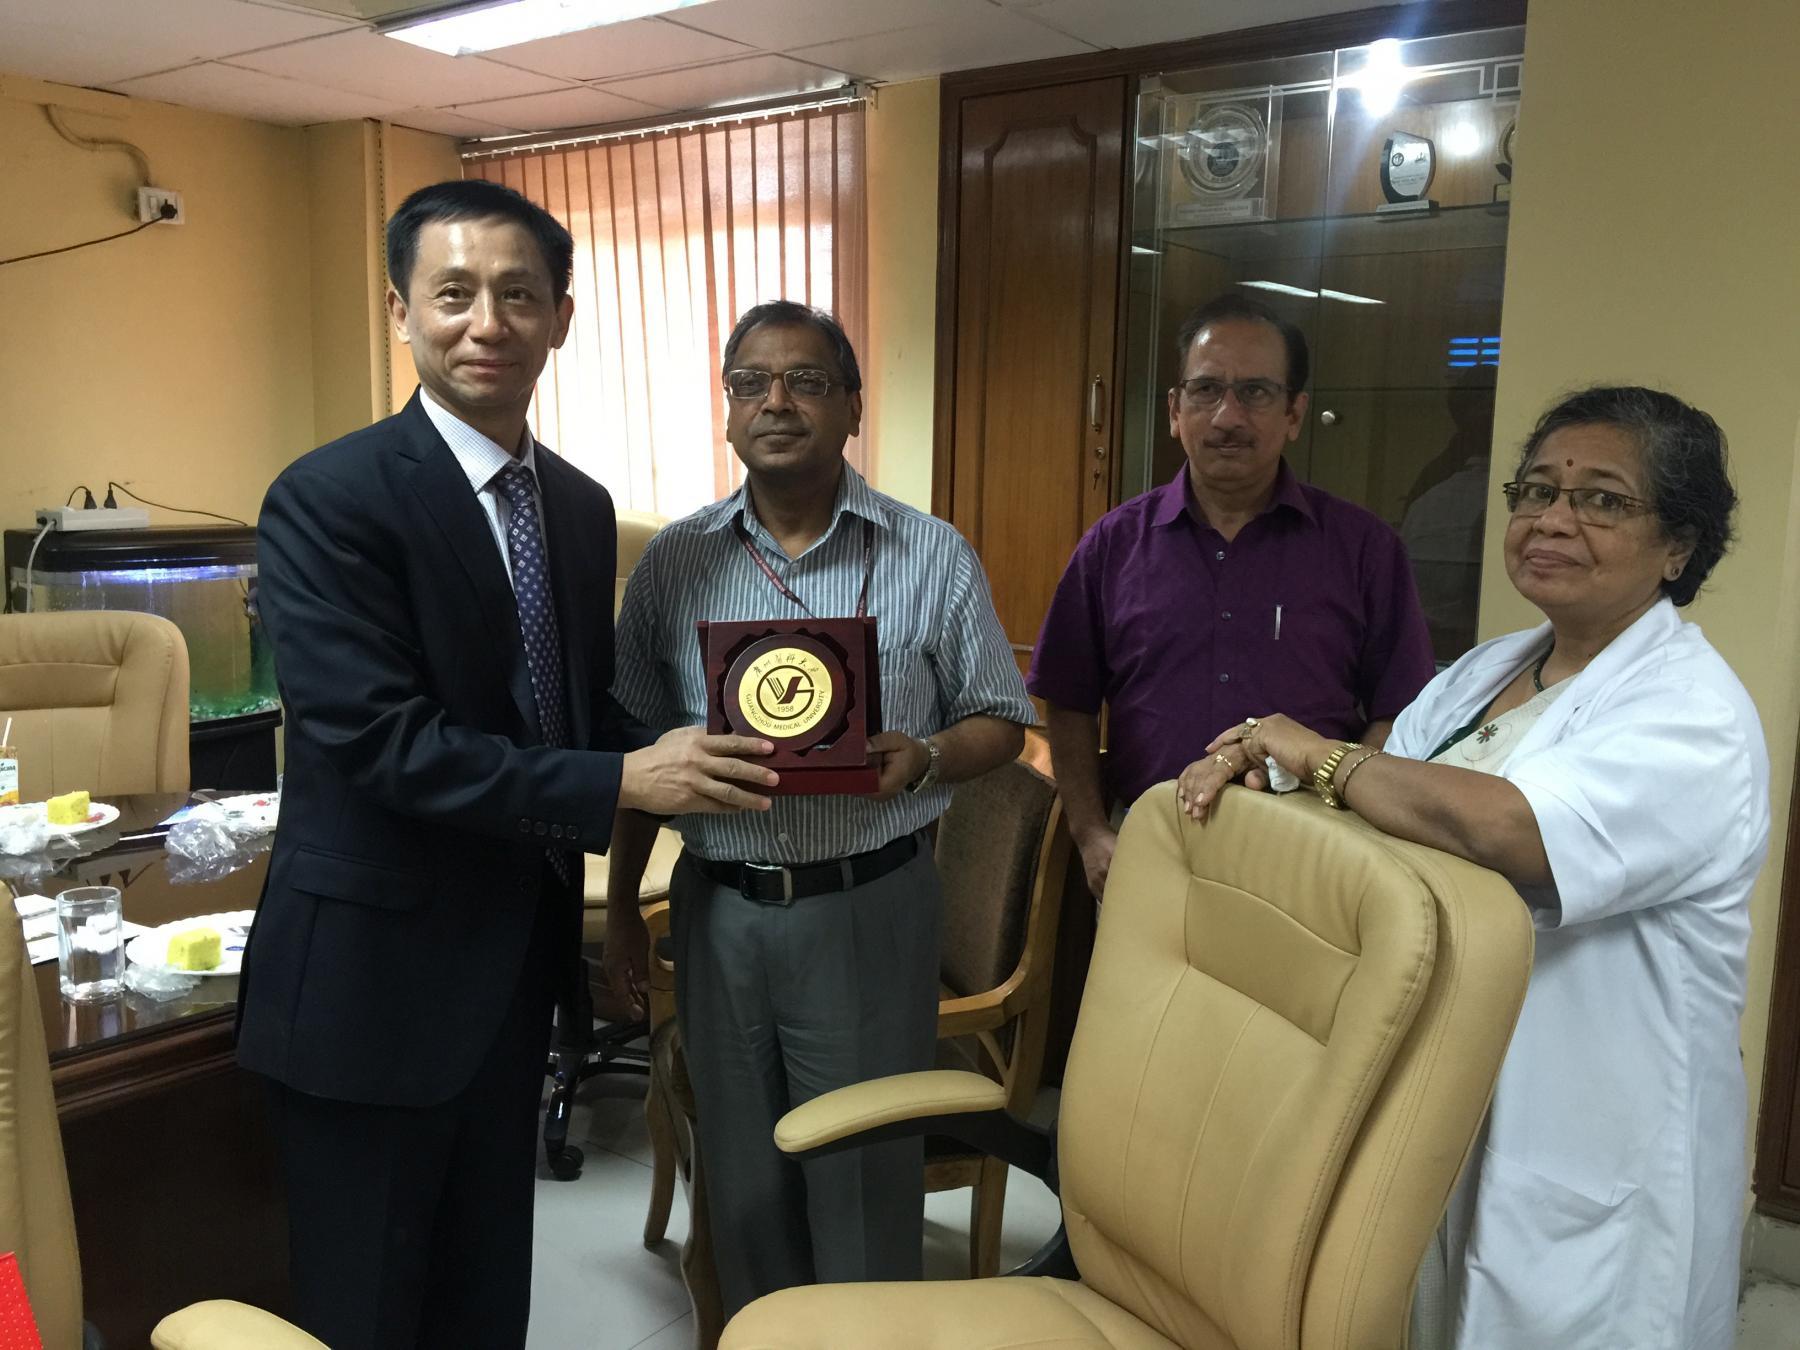 visit of GMU delegation at Safdarjung hospital in Delhi,India